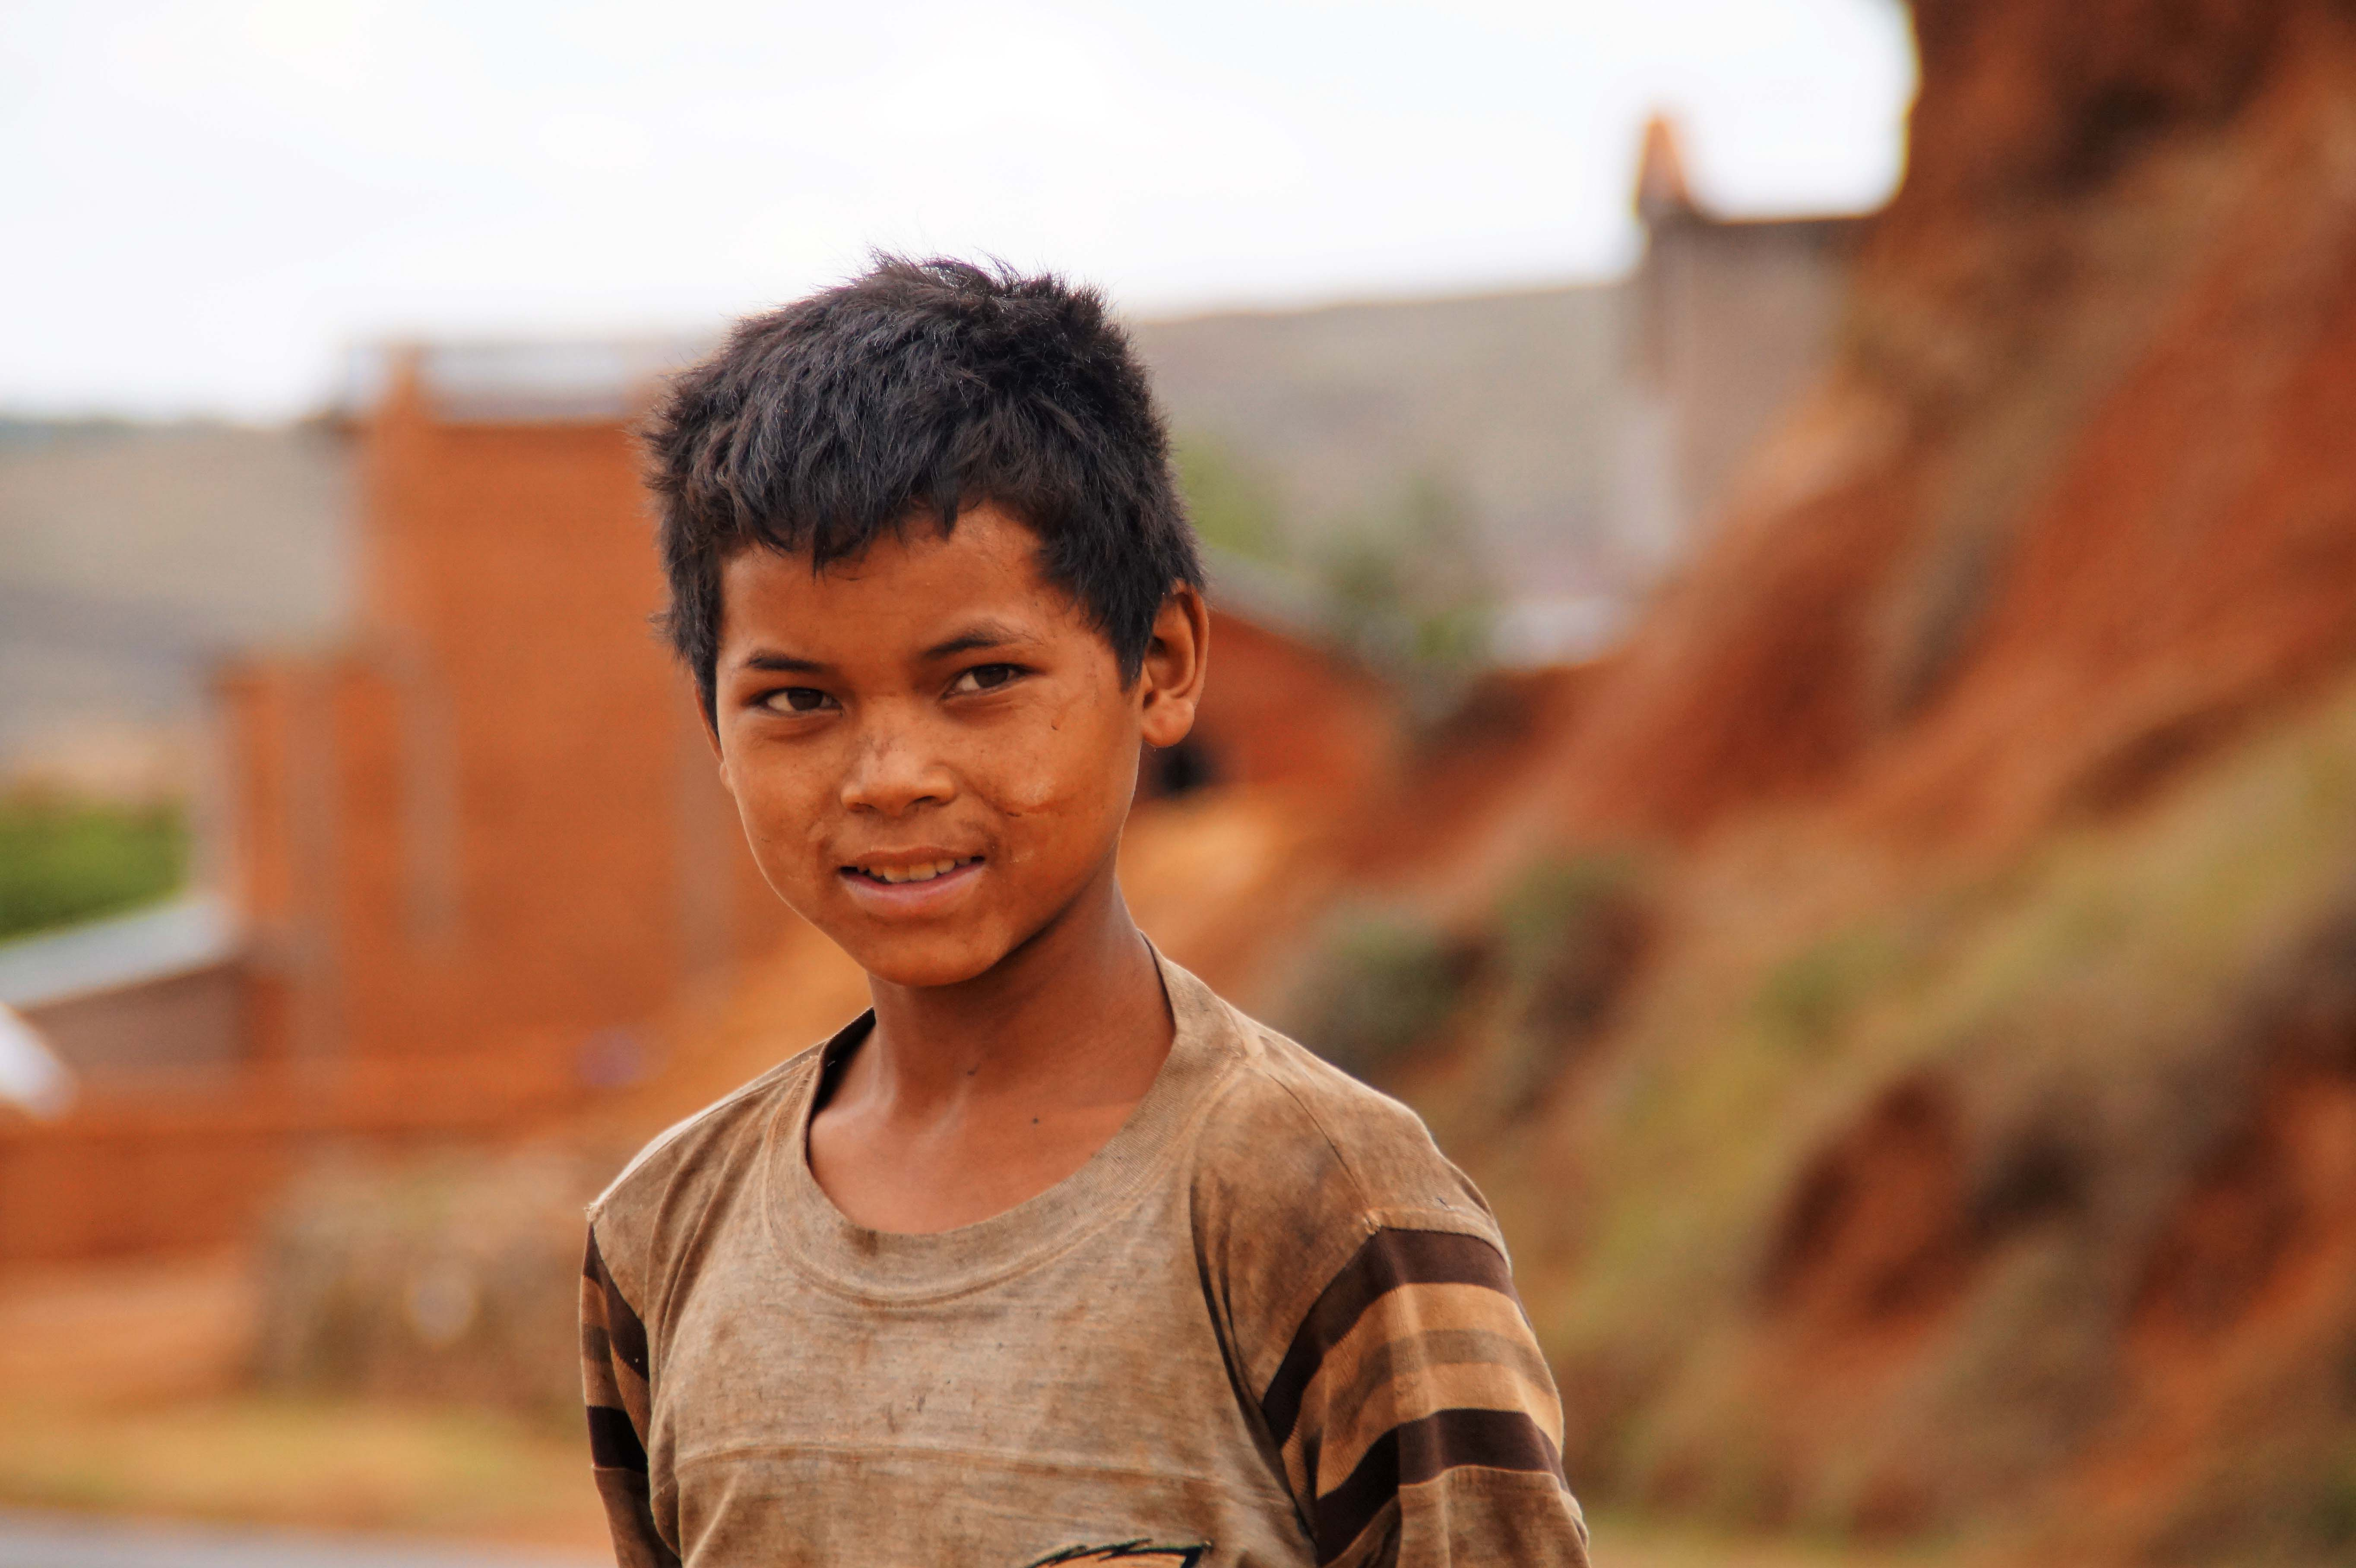 Madagascar vakantie - Rondreis & reizen naar Madagascar Afrika